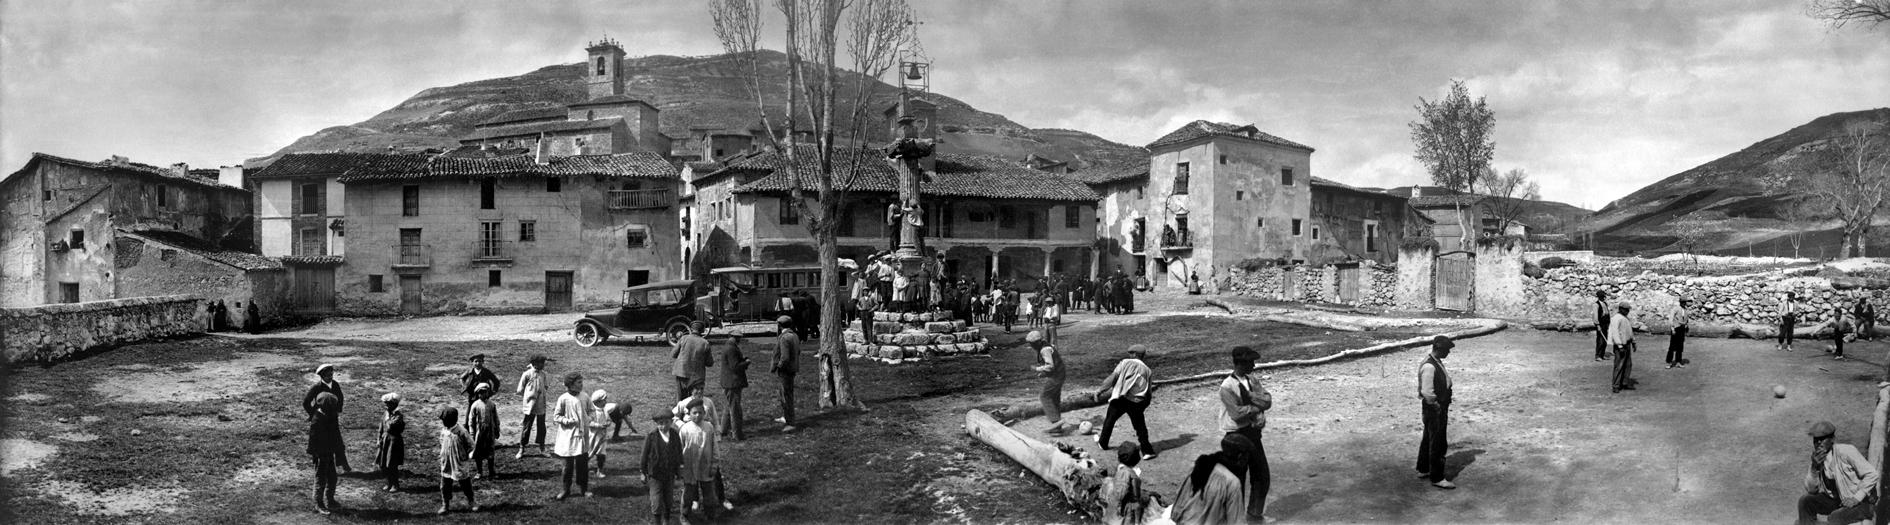 Lupiana (Guadalajara). Plaza Mayor. Octubre de 1921. Archivo Regueira. Filmoteca de Castilla y León. ©Derechos reservados.